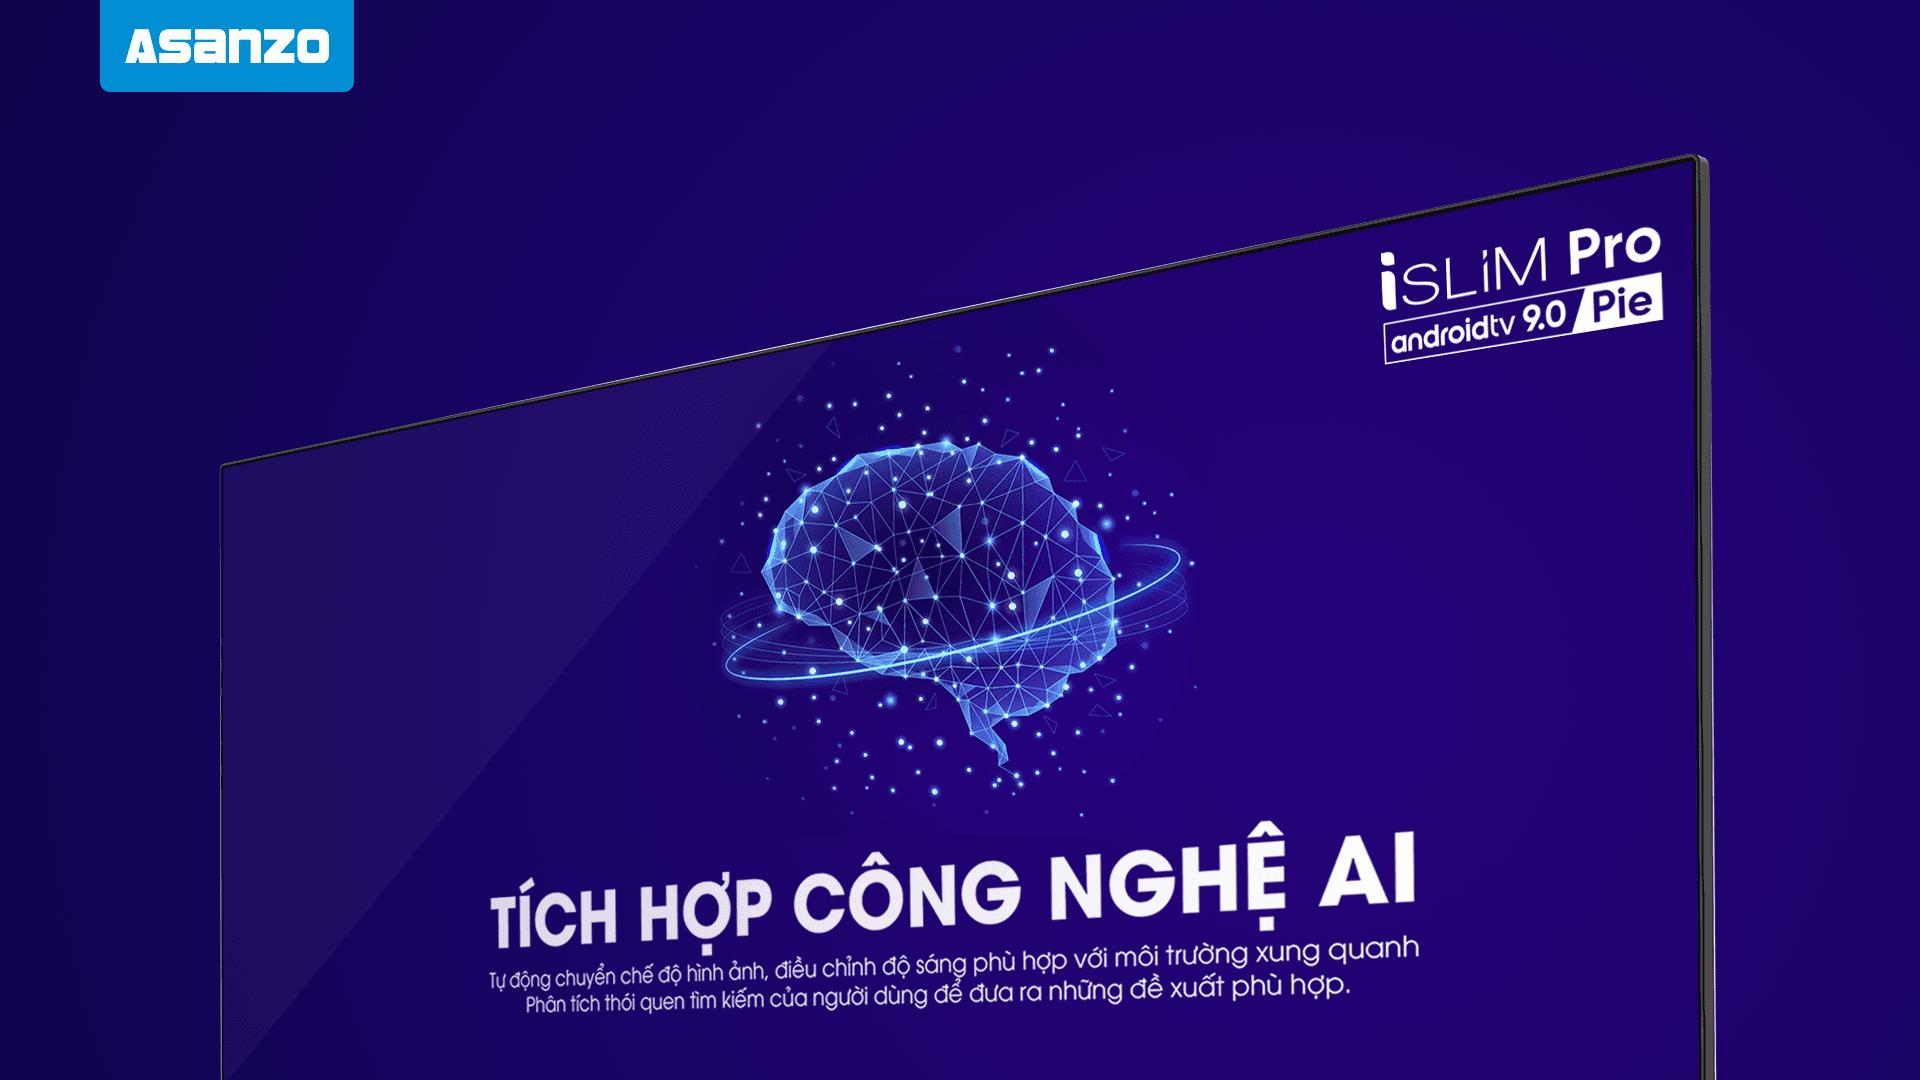 tích hợp công nghệ AI